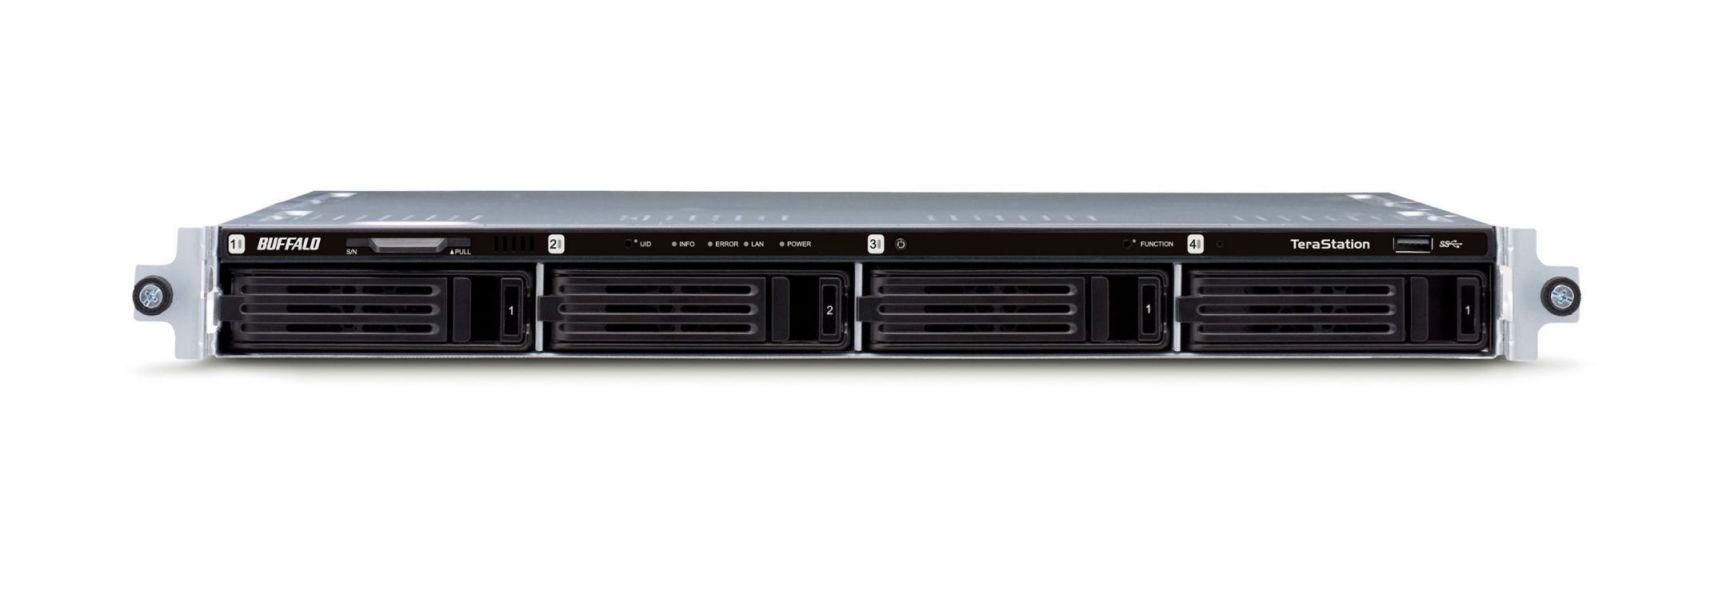 Buffalo TeraStation 1400 NAS 16TB